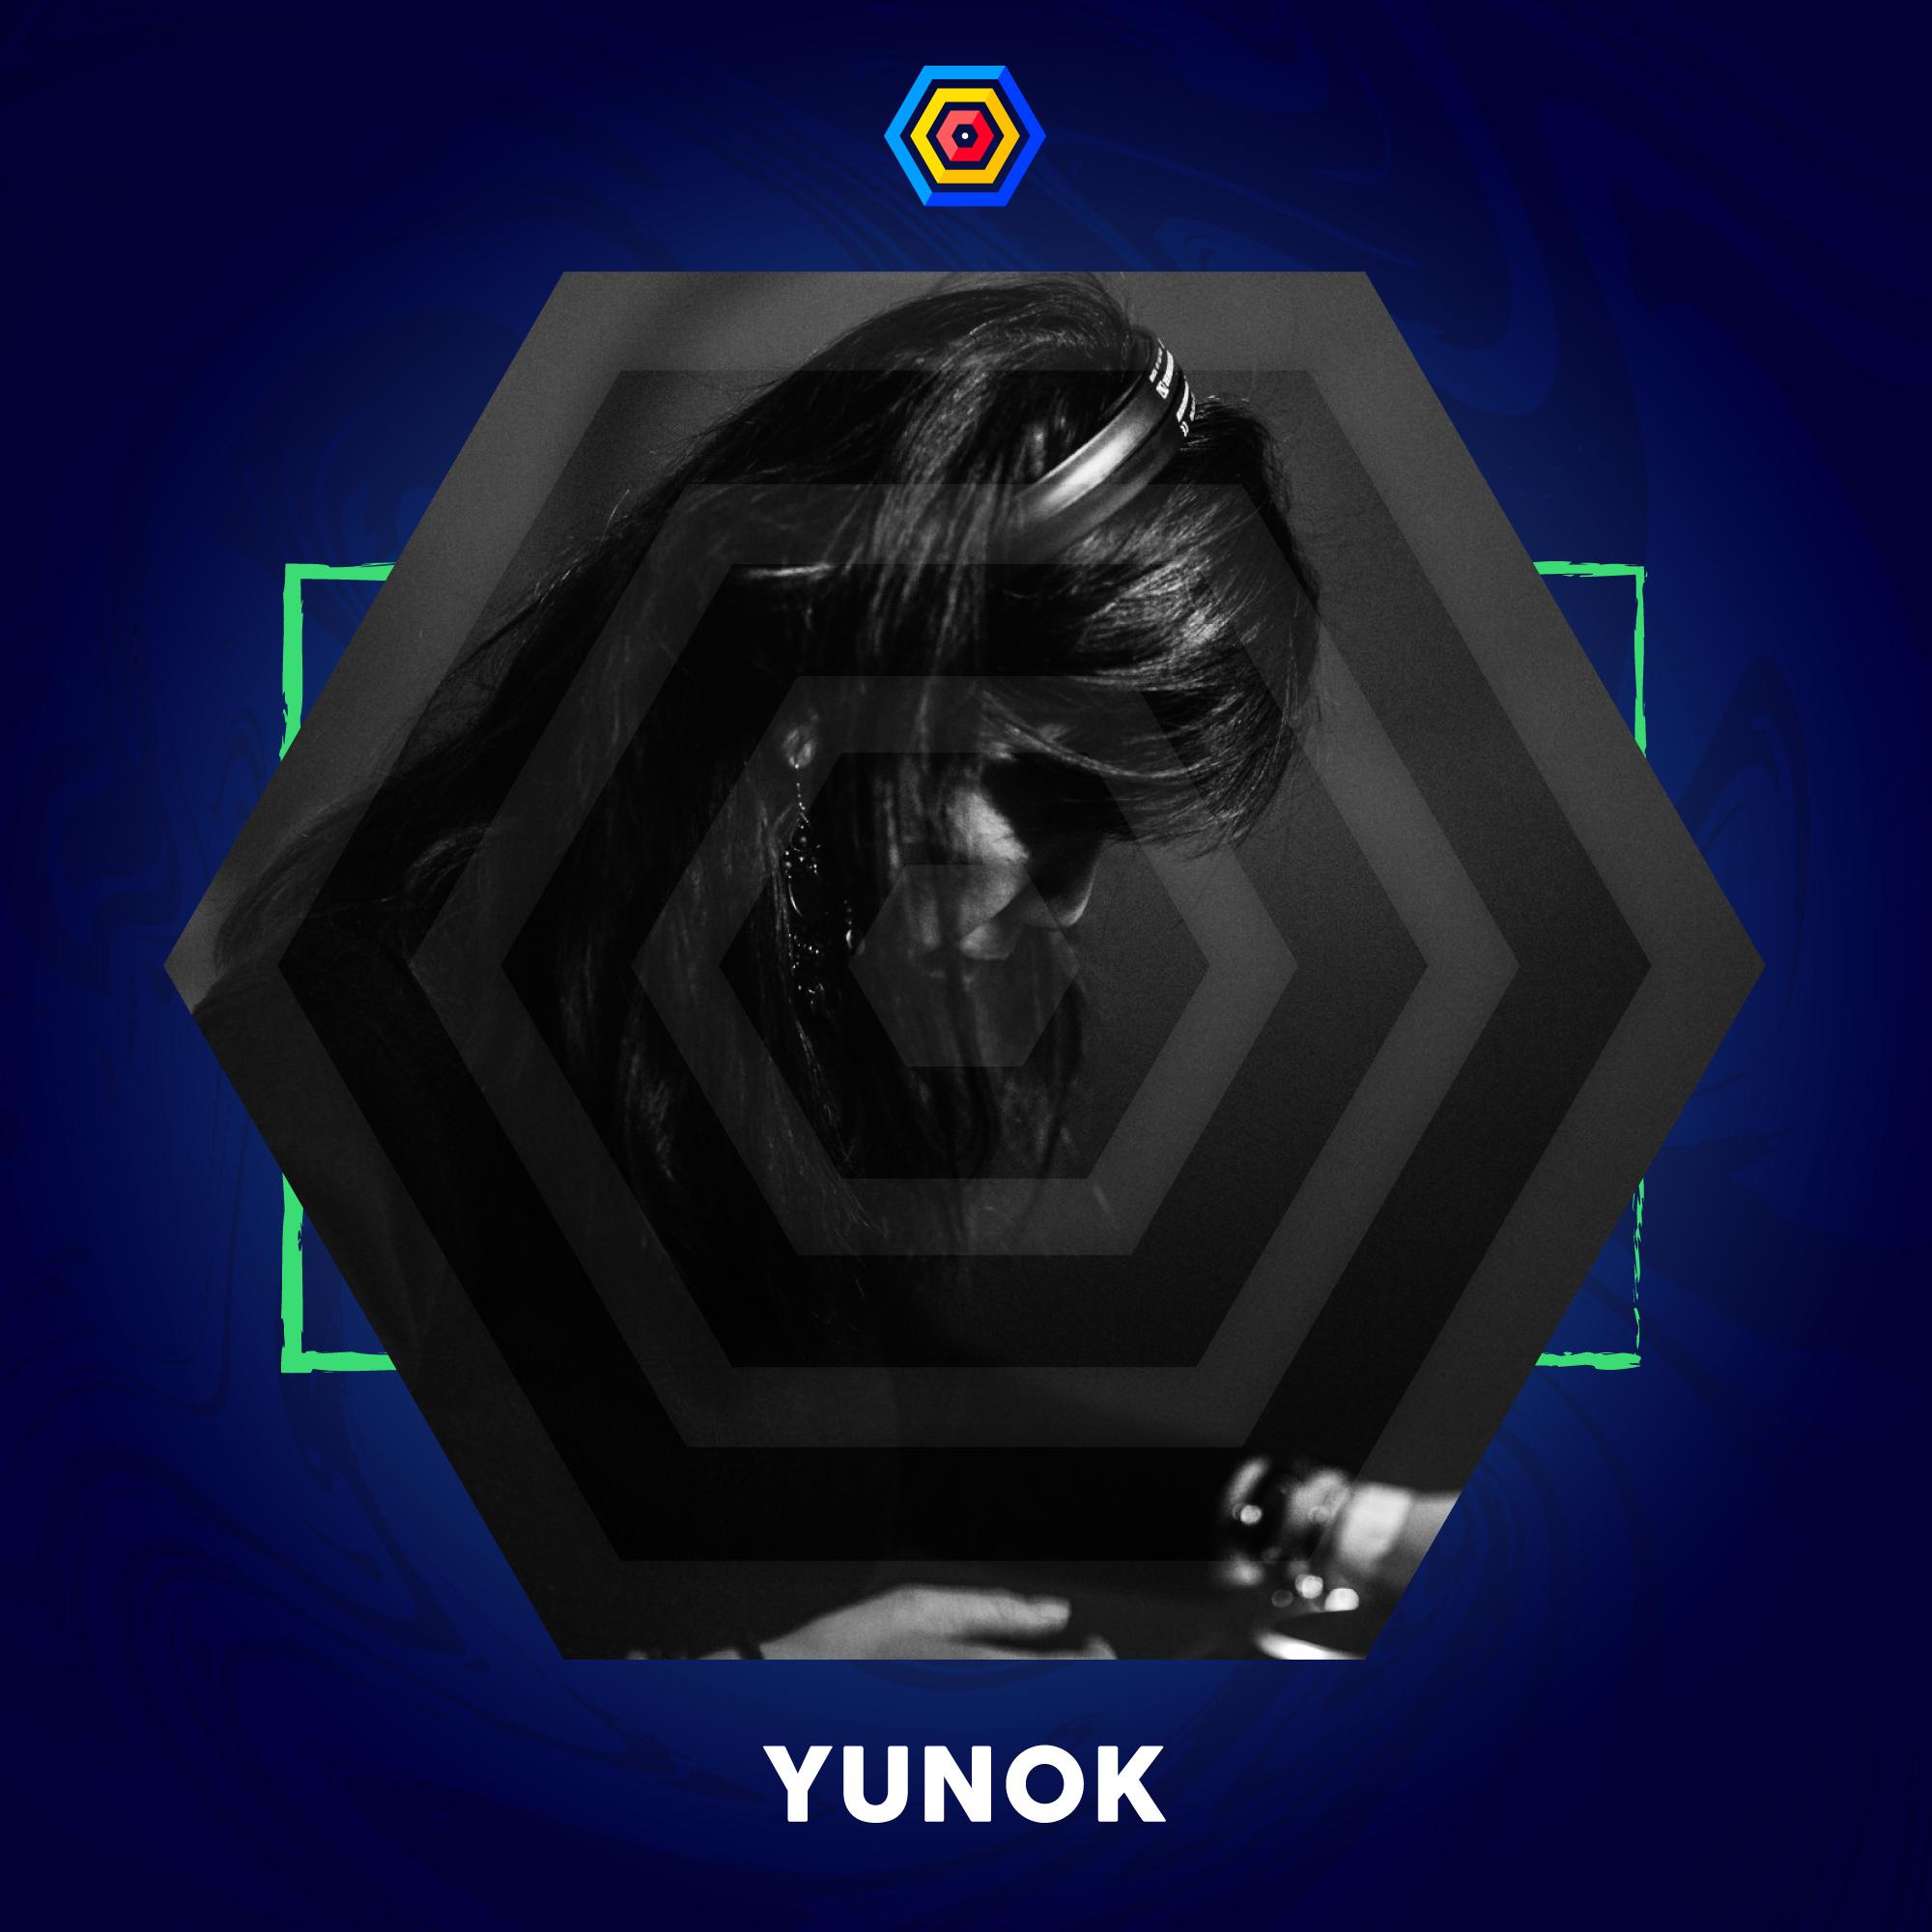 Yunok